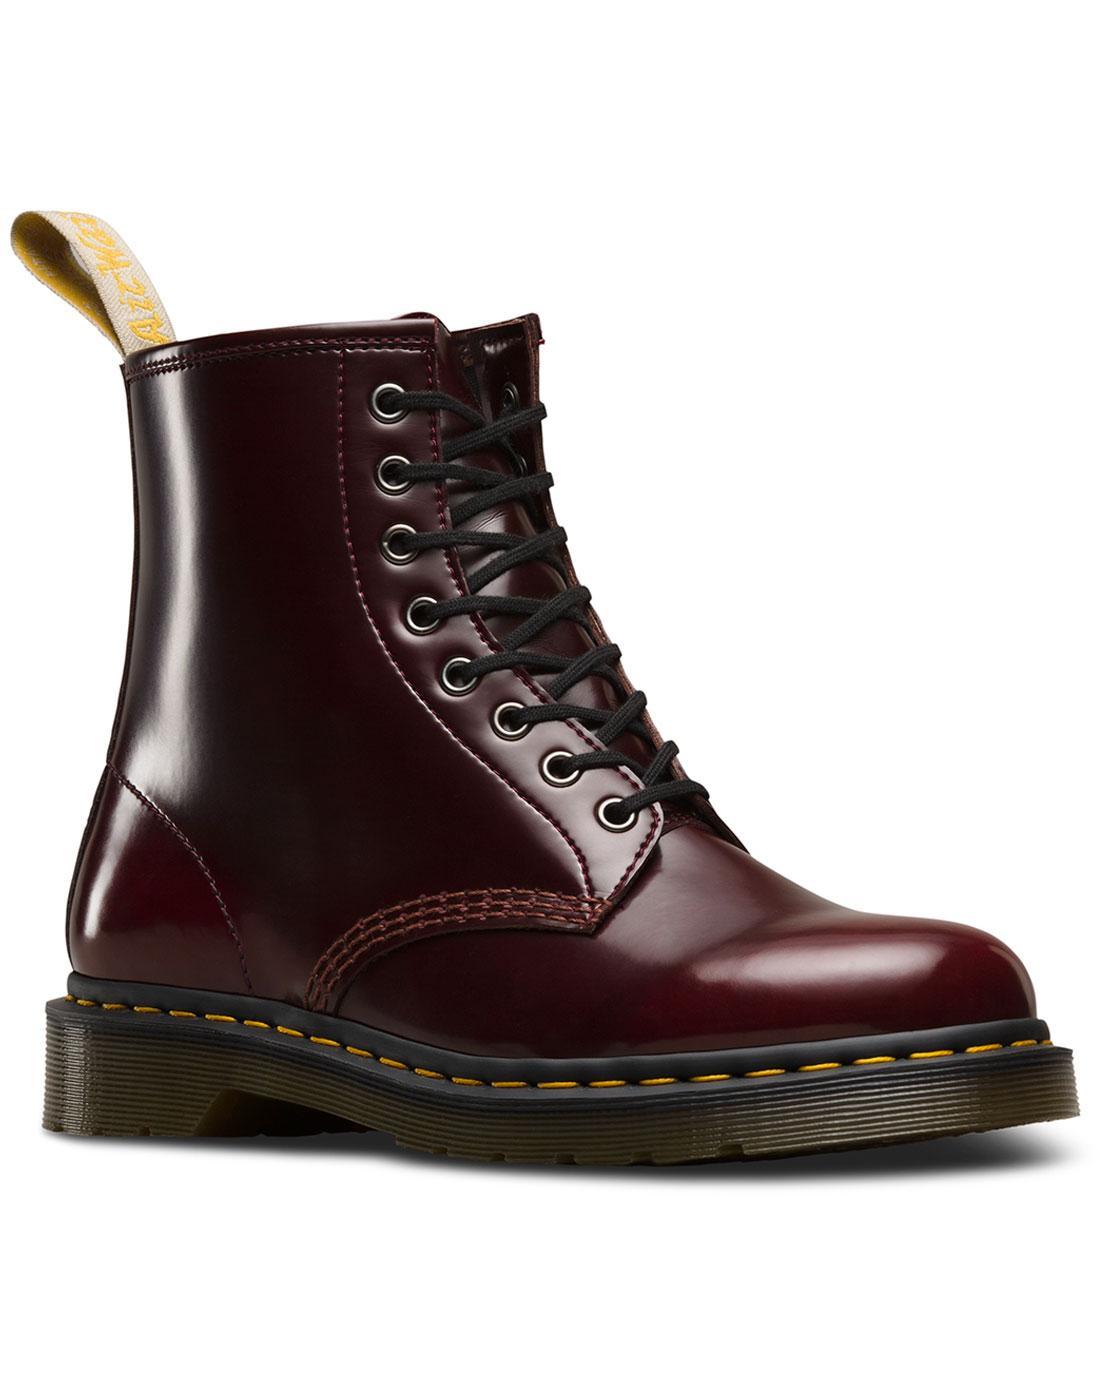 1460 Cambridge Brush Vegan DR MARTENS Retro Boots